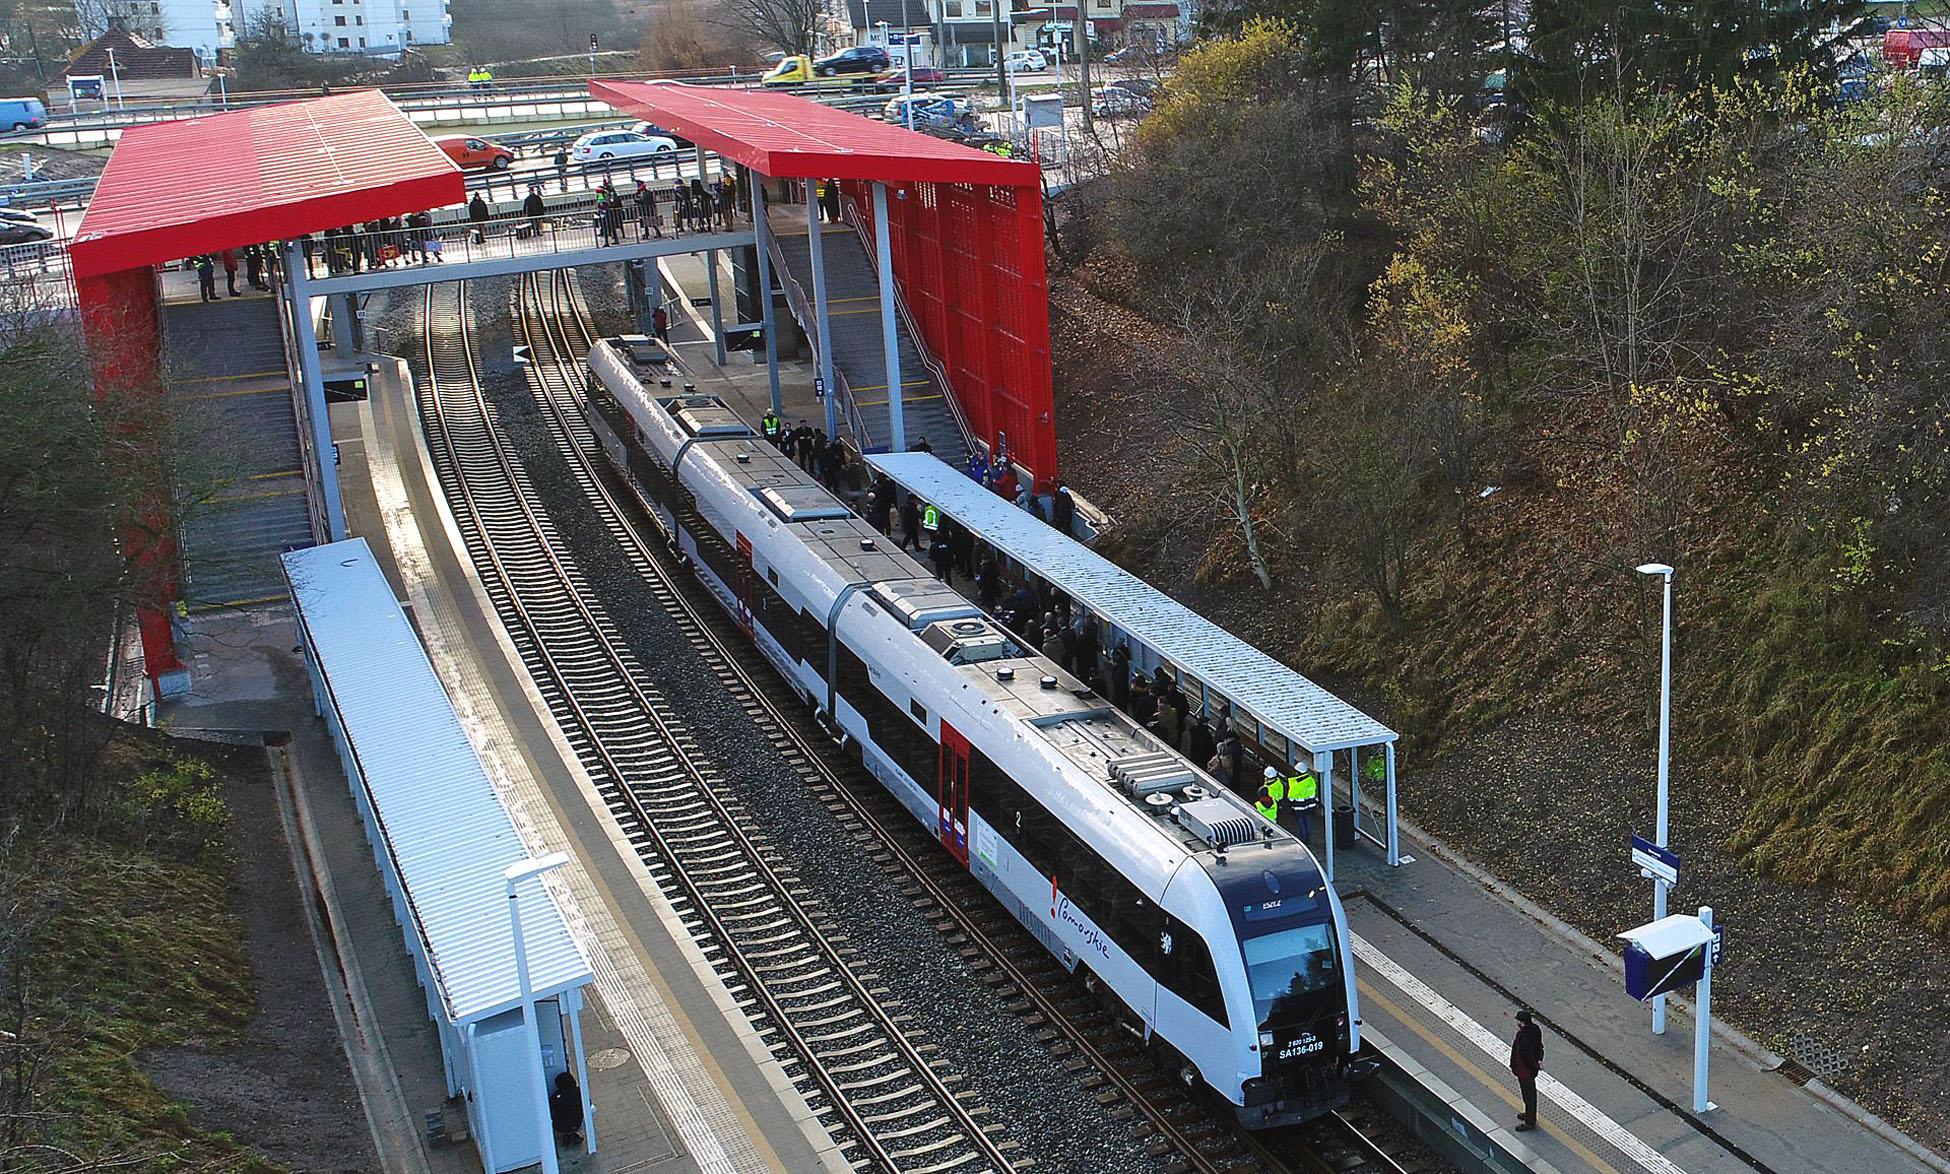 Bilet na peron i na stadion. Dzień otwarty przystanków Pomorskiej Kolei Metropolitalnej w Gdyni